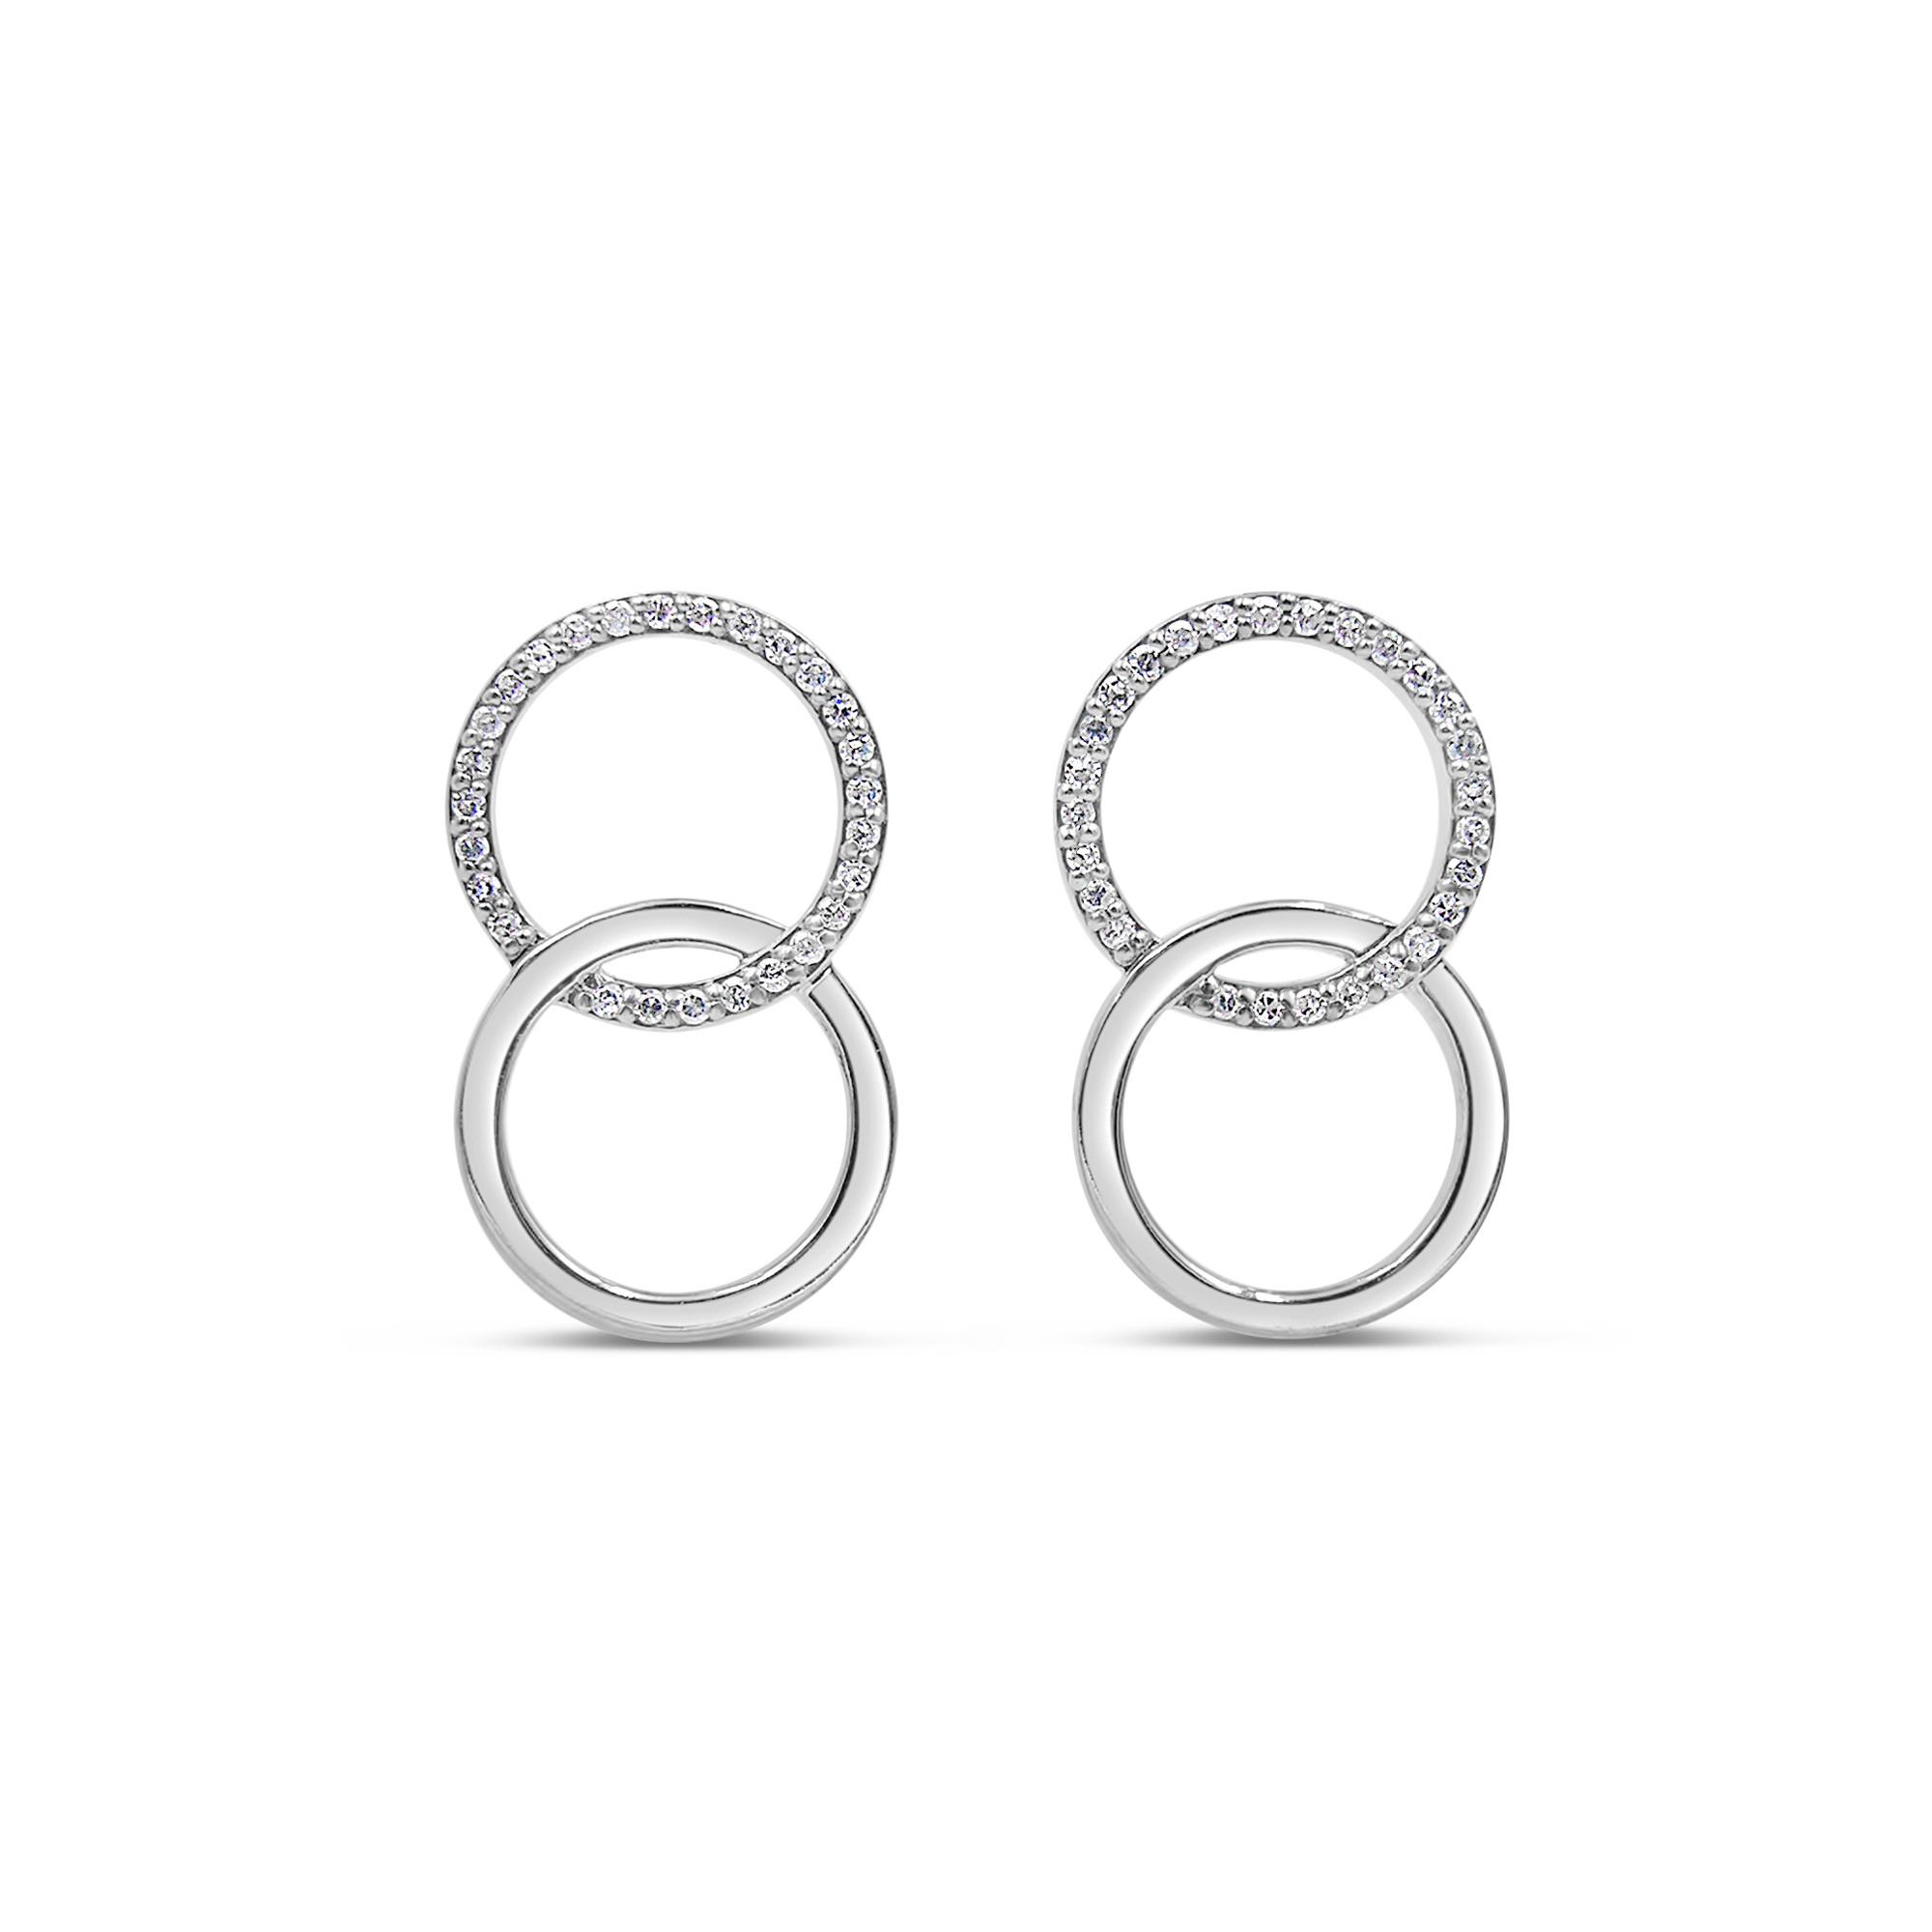 18 kt wit goud oorbellen met 0.27 ct diamanten